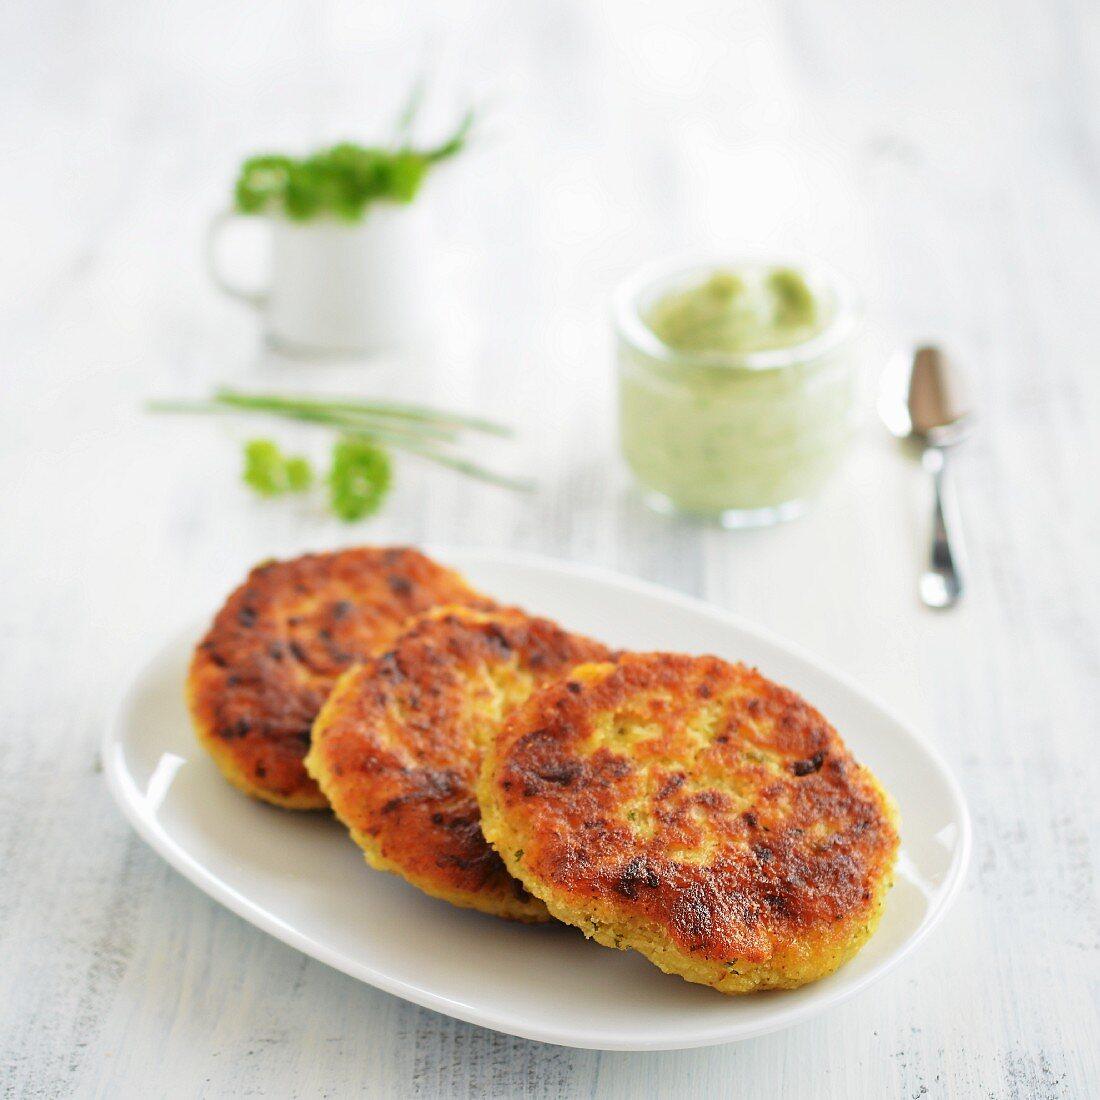 Vegetarian millet burgers with kohlrabi and herbs